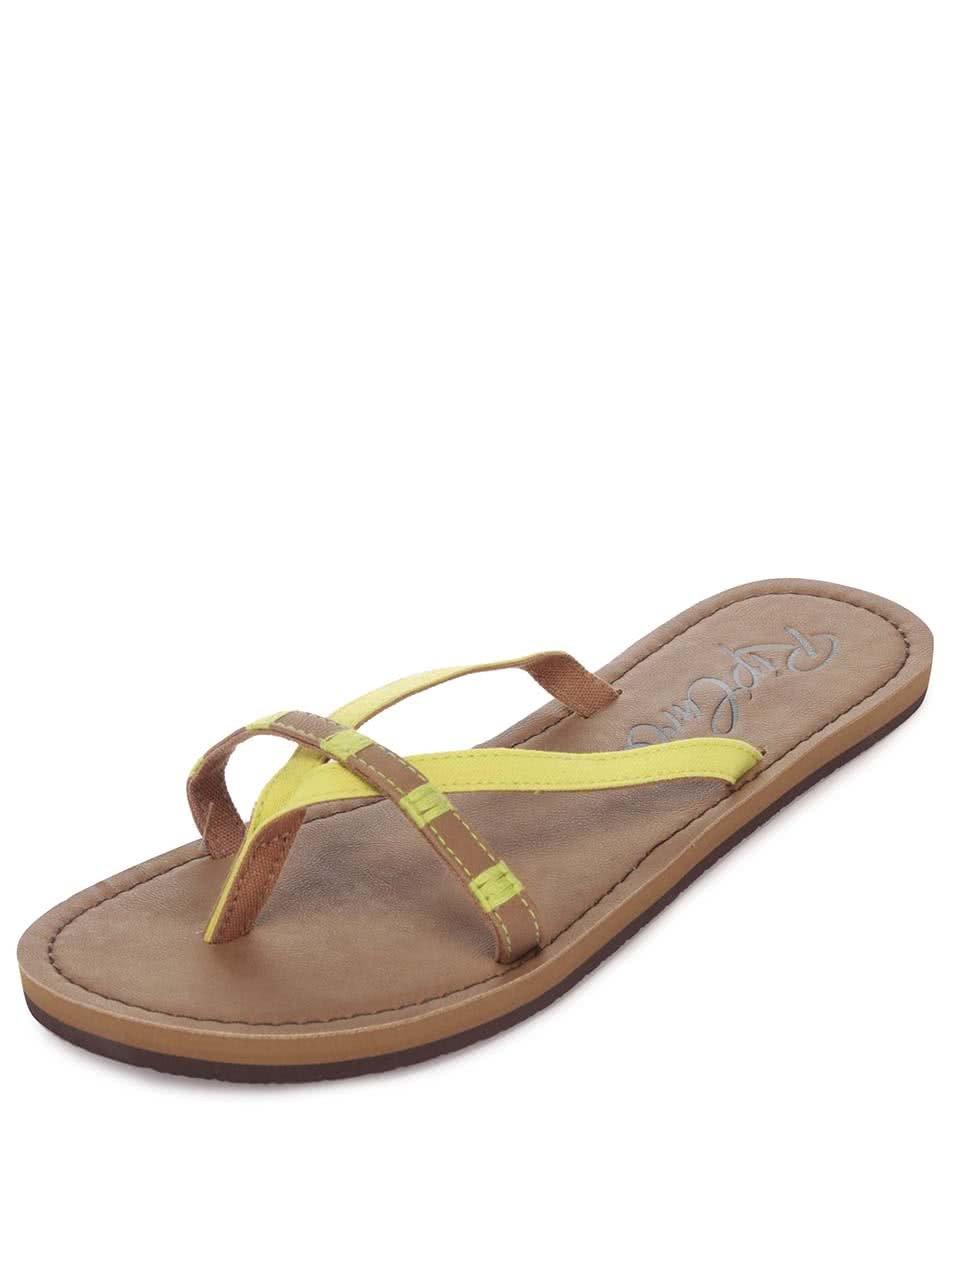 Žluto-hnědé dámské žabky s ozdobnými korálky Rip Curl Coco ... 29855d6a11